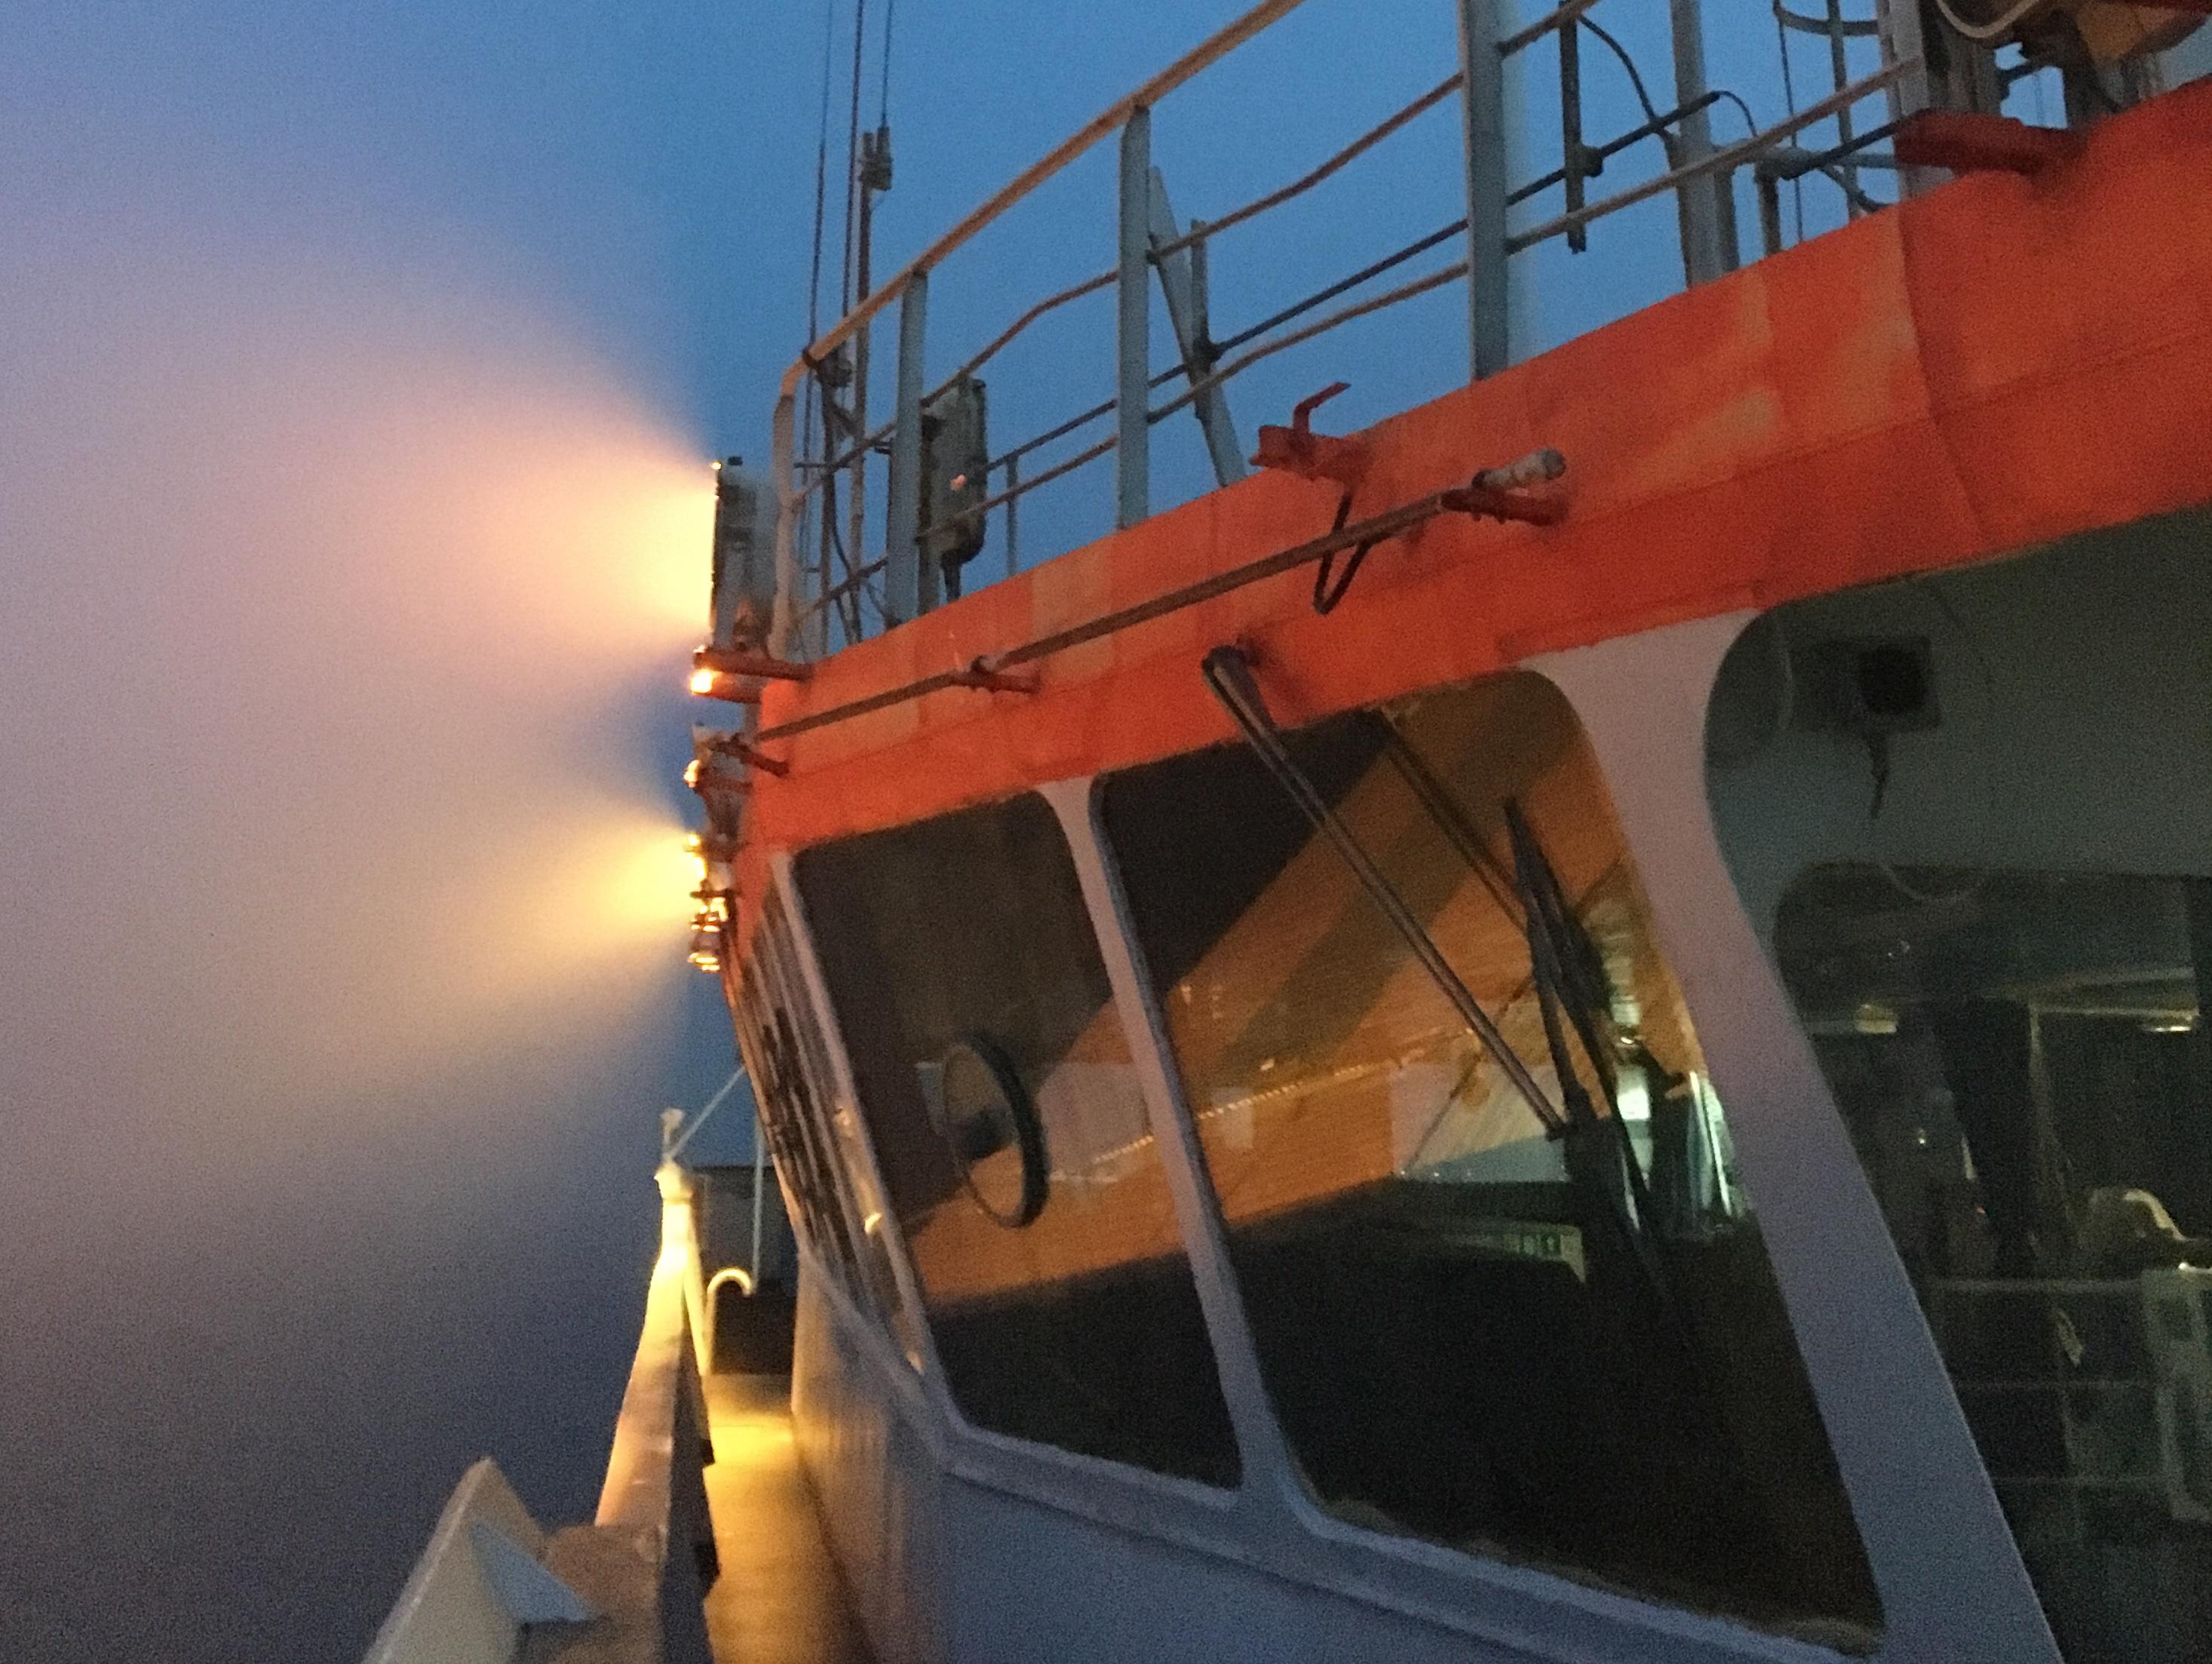 Merenkaynnista, merisairaudesta, ylimaaraisista matkustajista